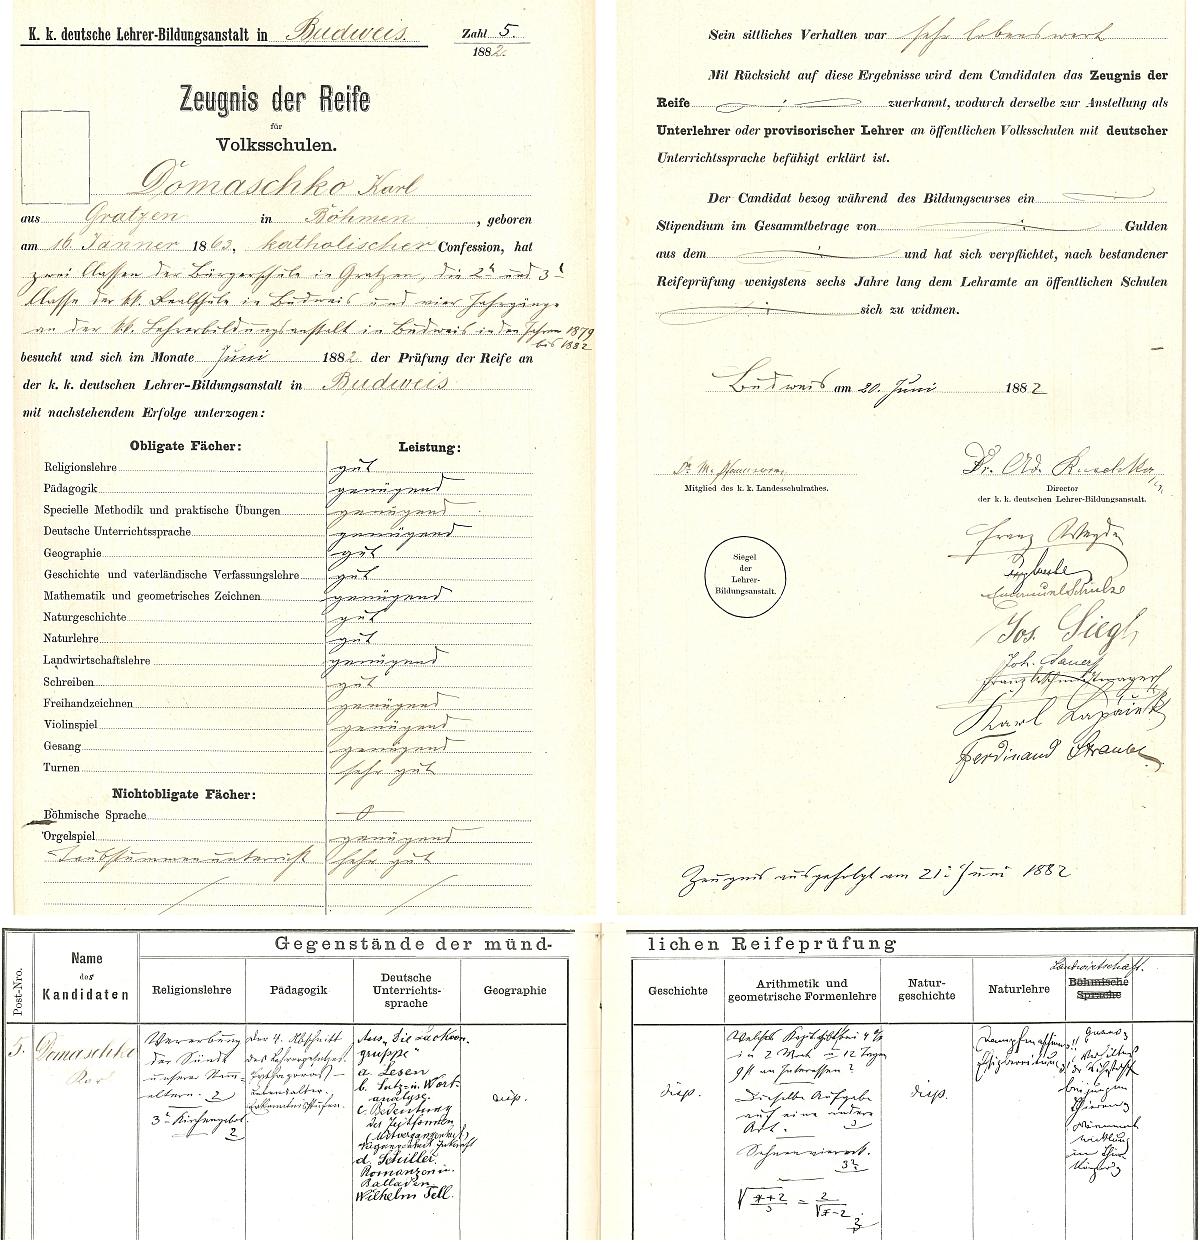 Záznamy o jeho maturitní zkoušce na českobudejovickém německém učitelském ústavu v roce 1882